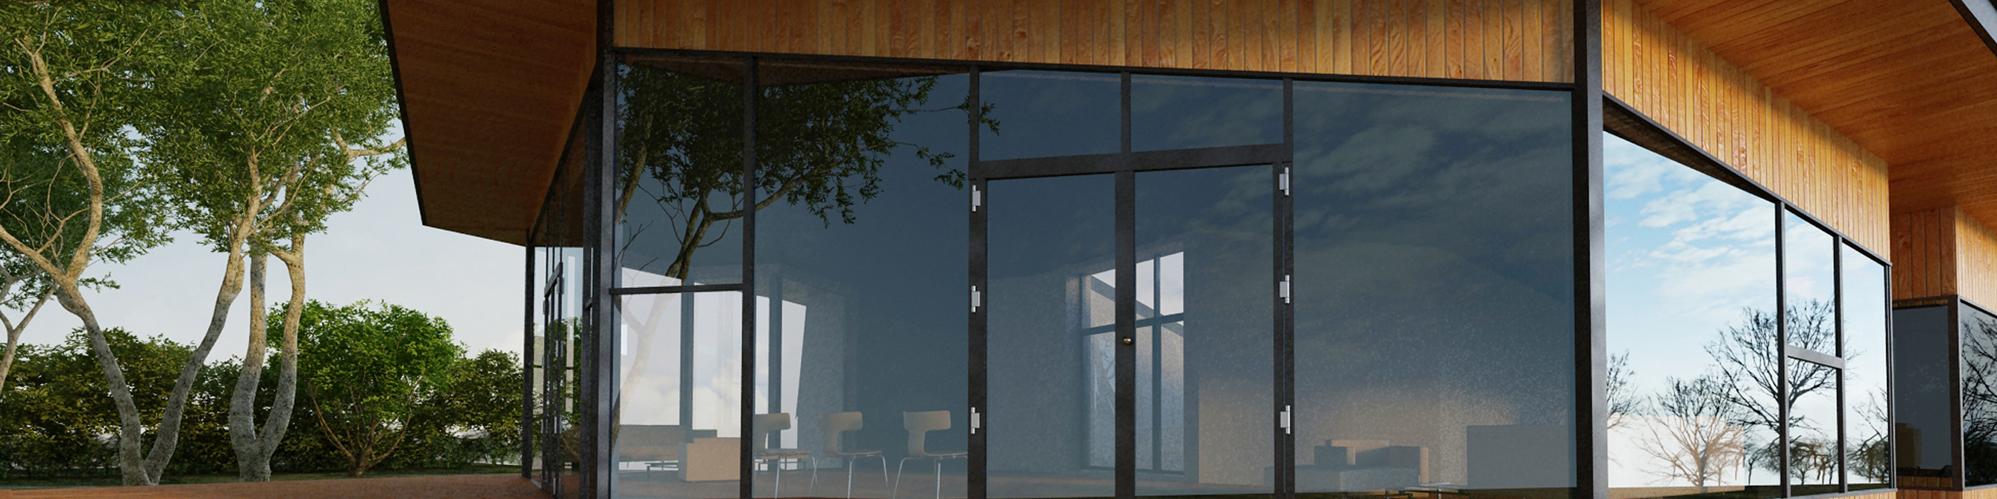 Full Size of Einbruchsichere Fenster Gzm Fensterbau Verdunkelung Marken Sicherheitsfolie Test Obi Gebrauchte Kaufen Sicherheitsbeschläge Nachrüsten Velux Preise Jalousien Fenster Einbruchsichere Fenster